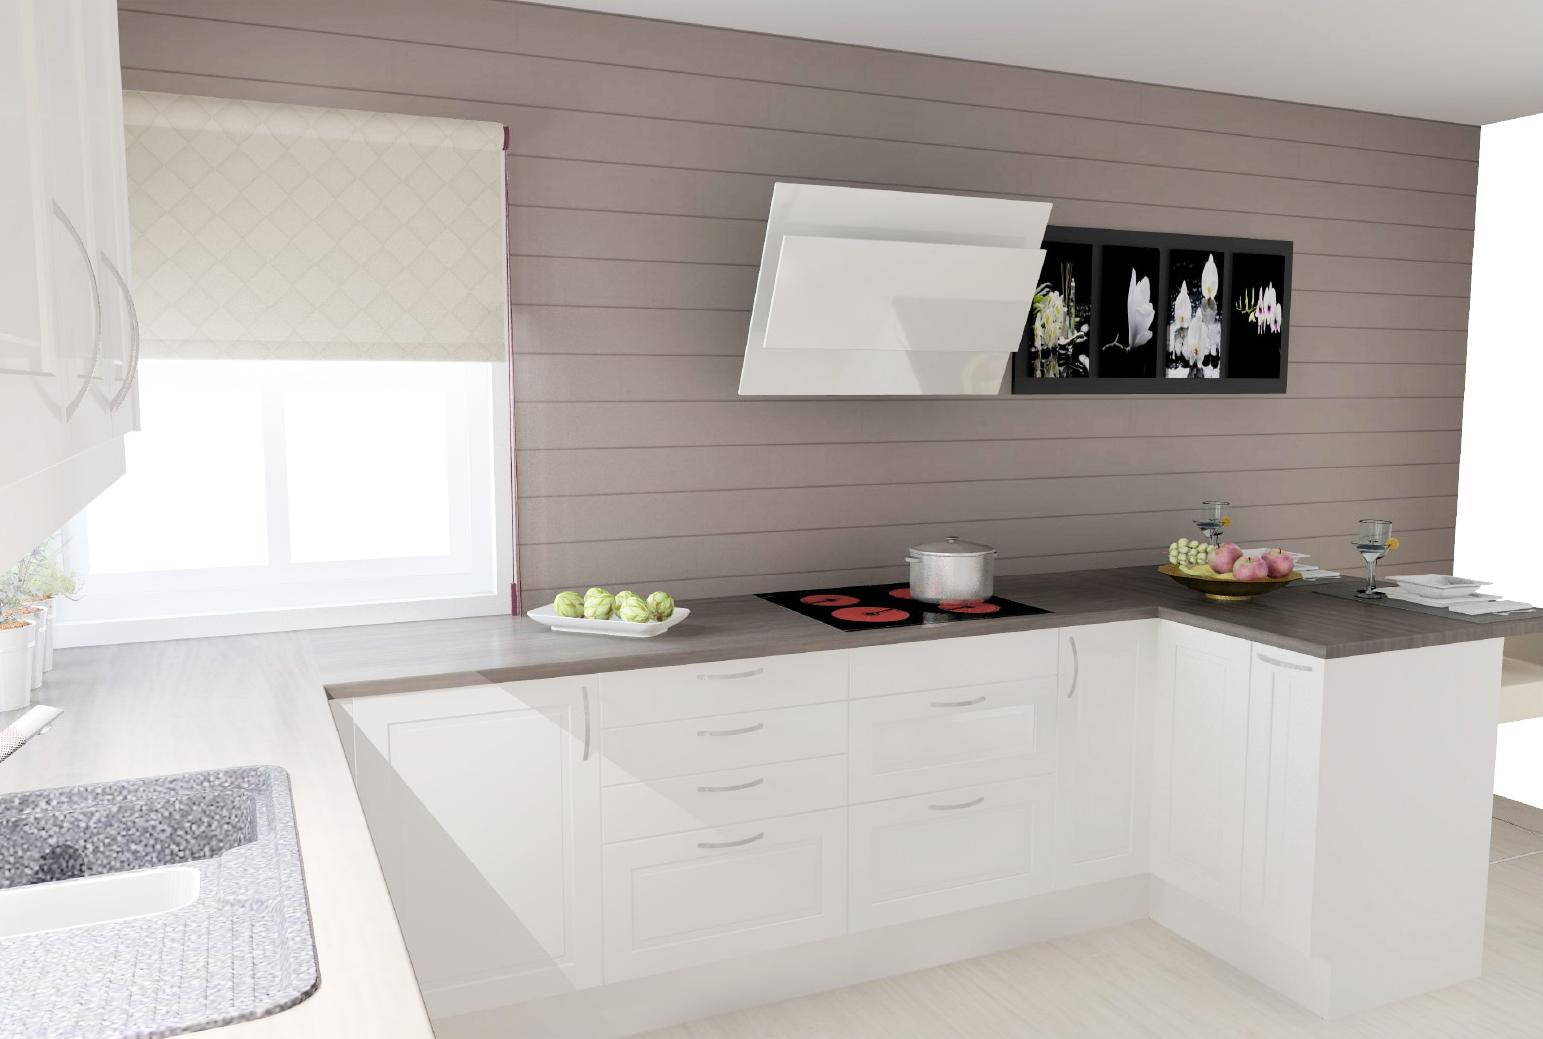 Kjøkken-kokesone-tilvalg.jpg